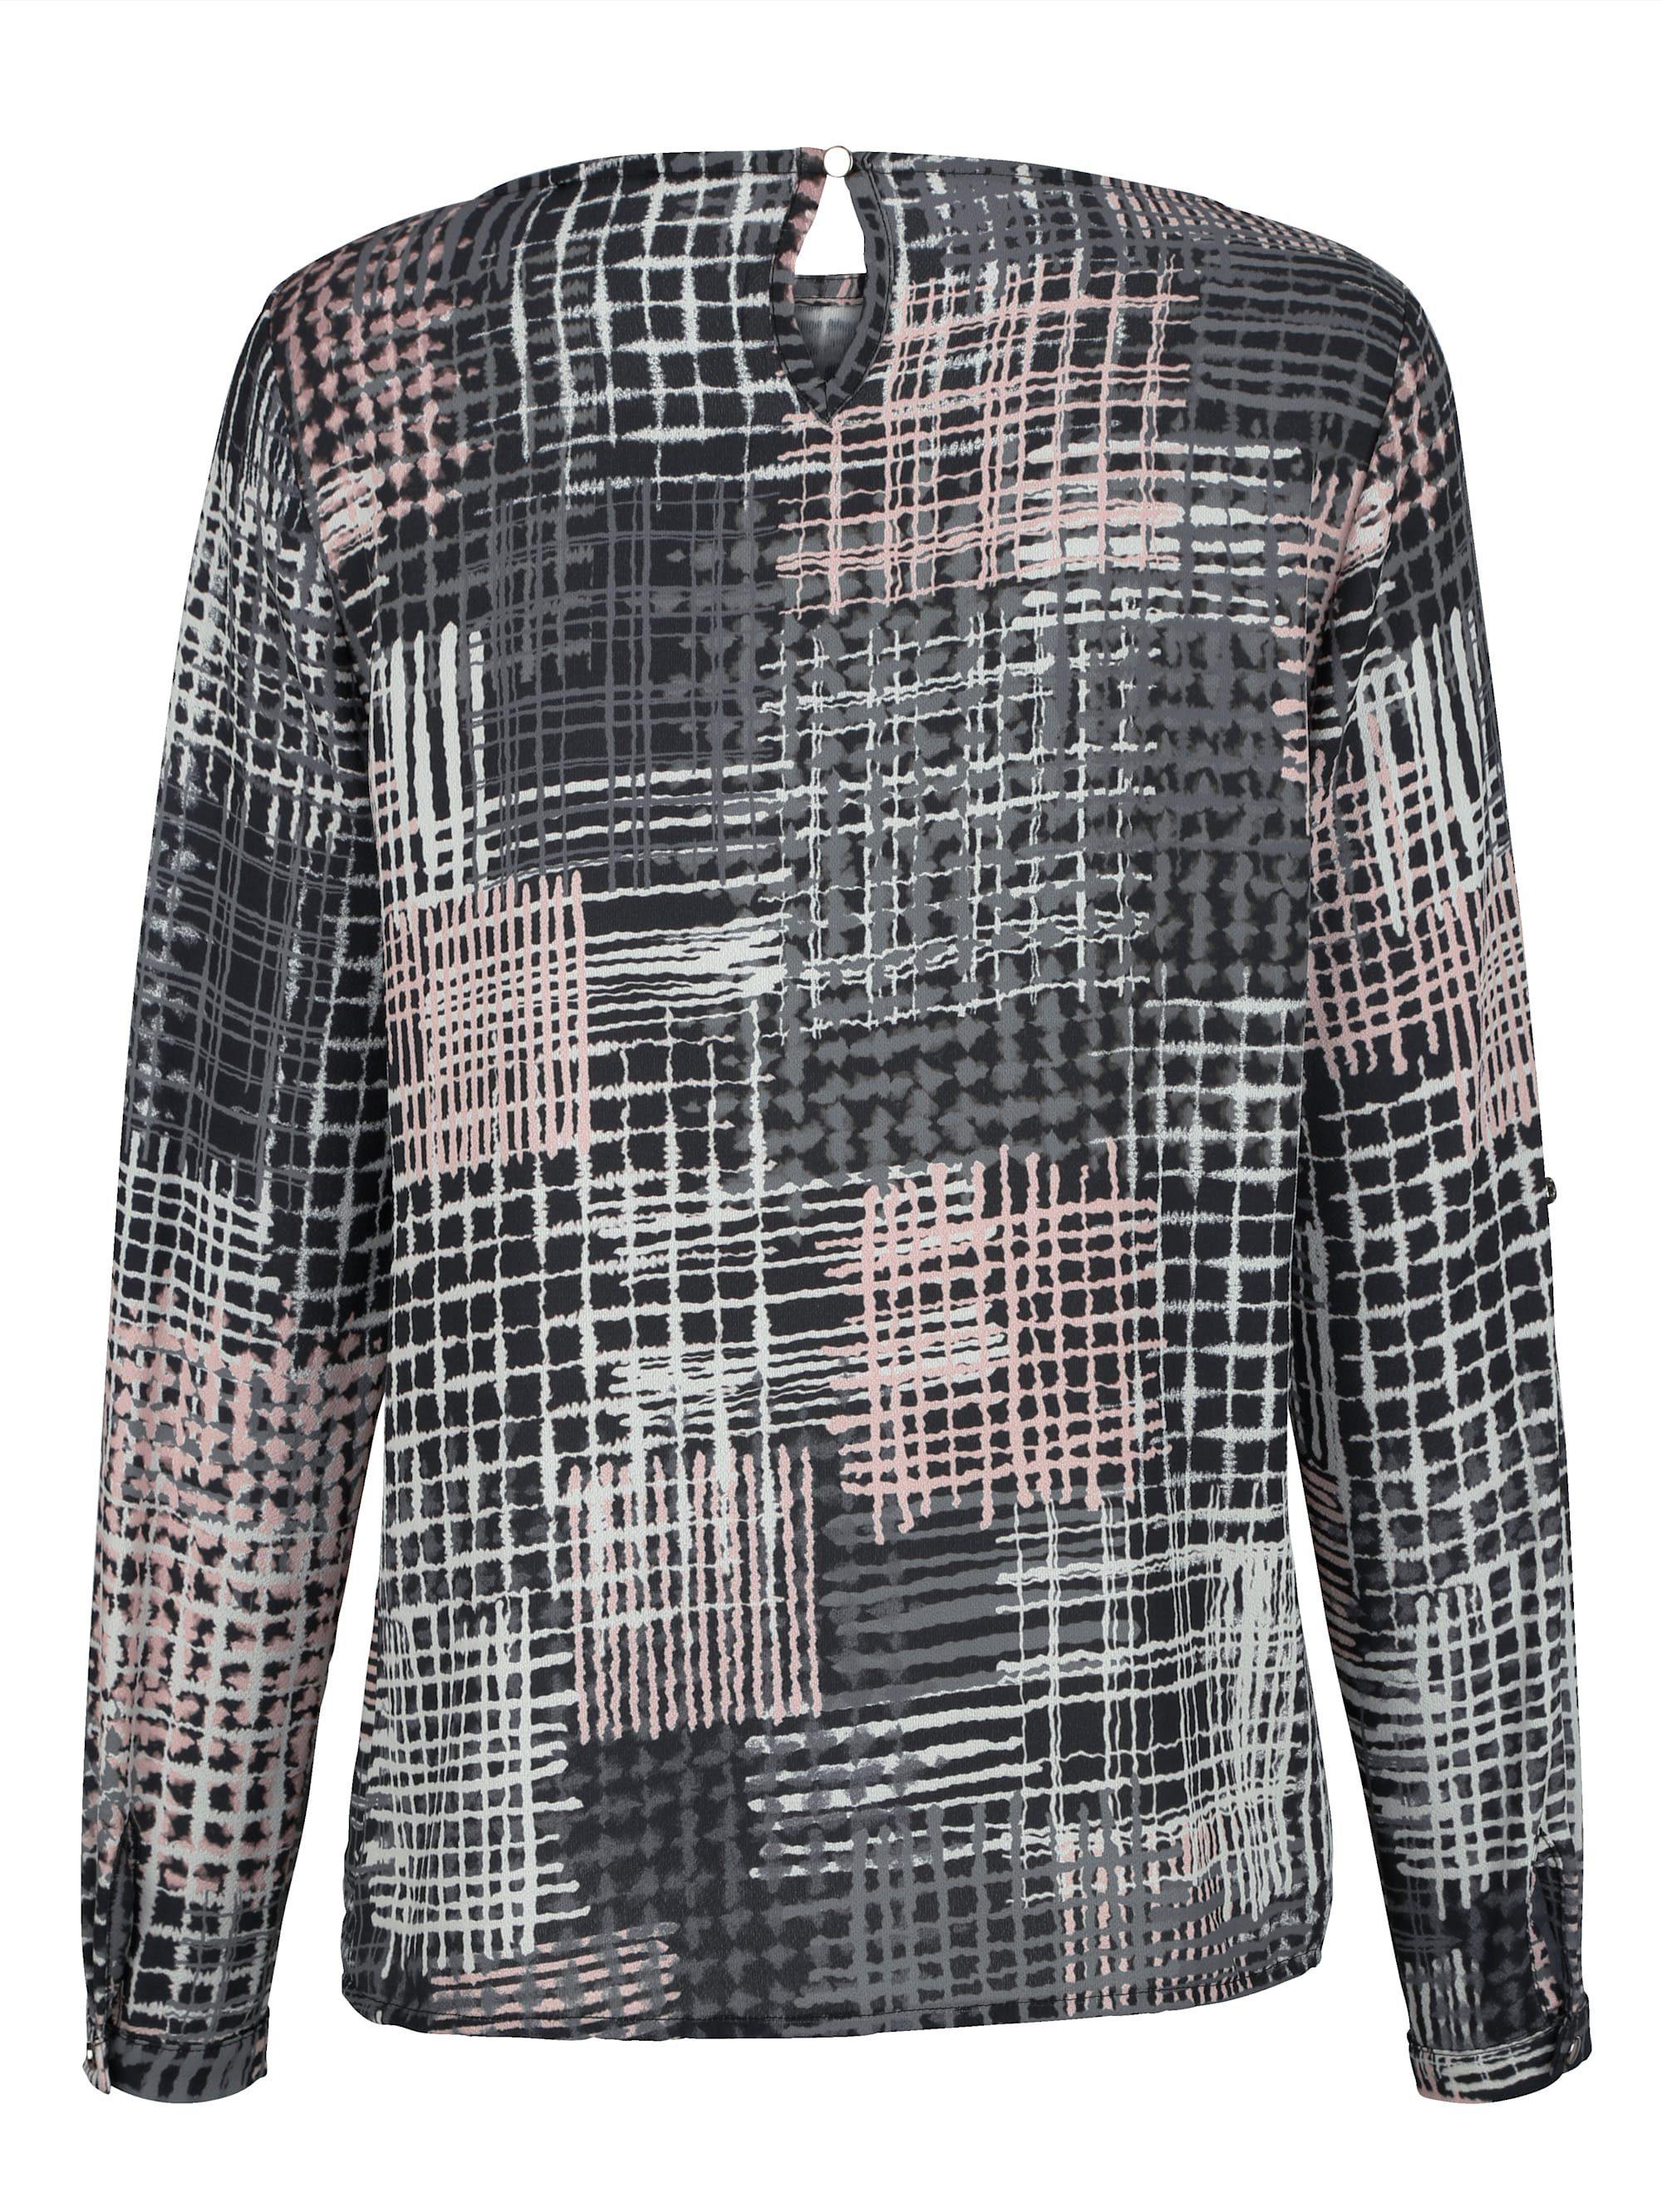 Alba Moda Bluse mit grafischem Dessin, Im Rücken mit Knopf und Schlitz online kaufen hj6vi5 EjH5im